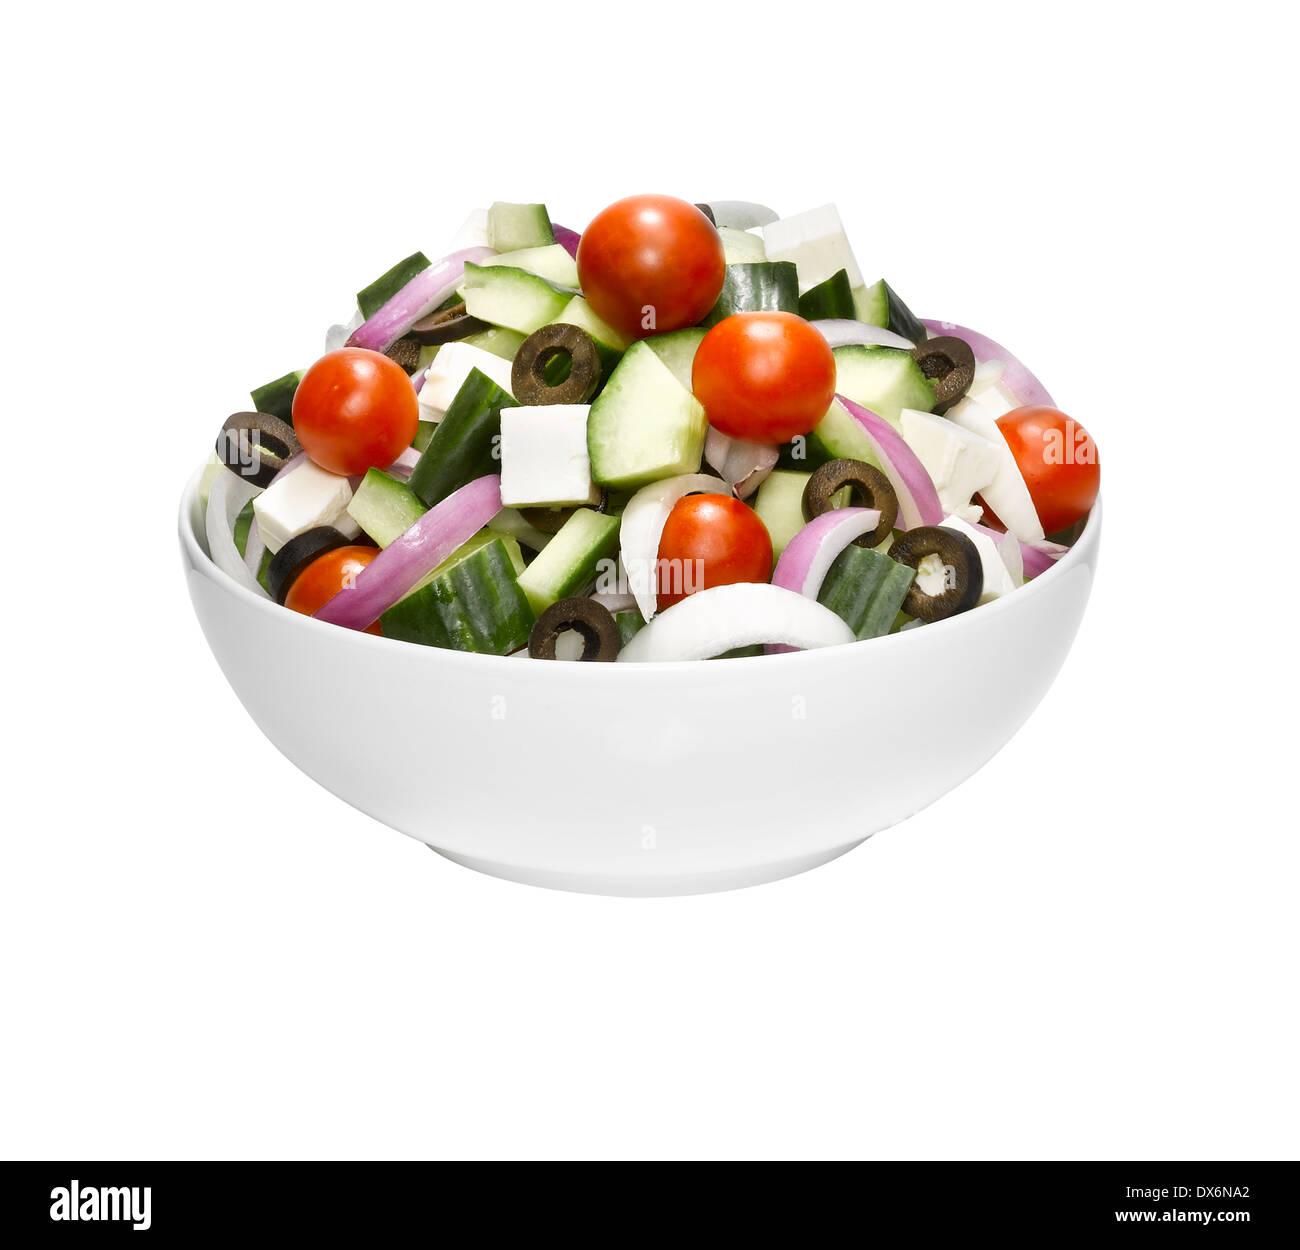 Eine Schüssel griechischen Salat. Stockbild